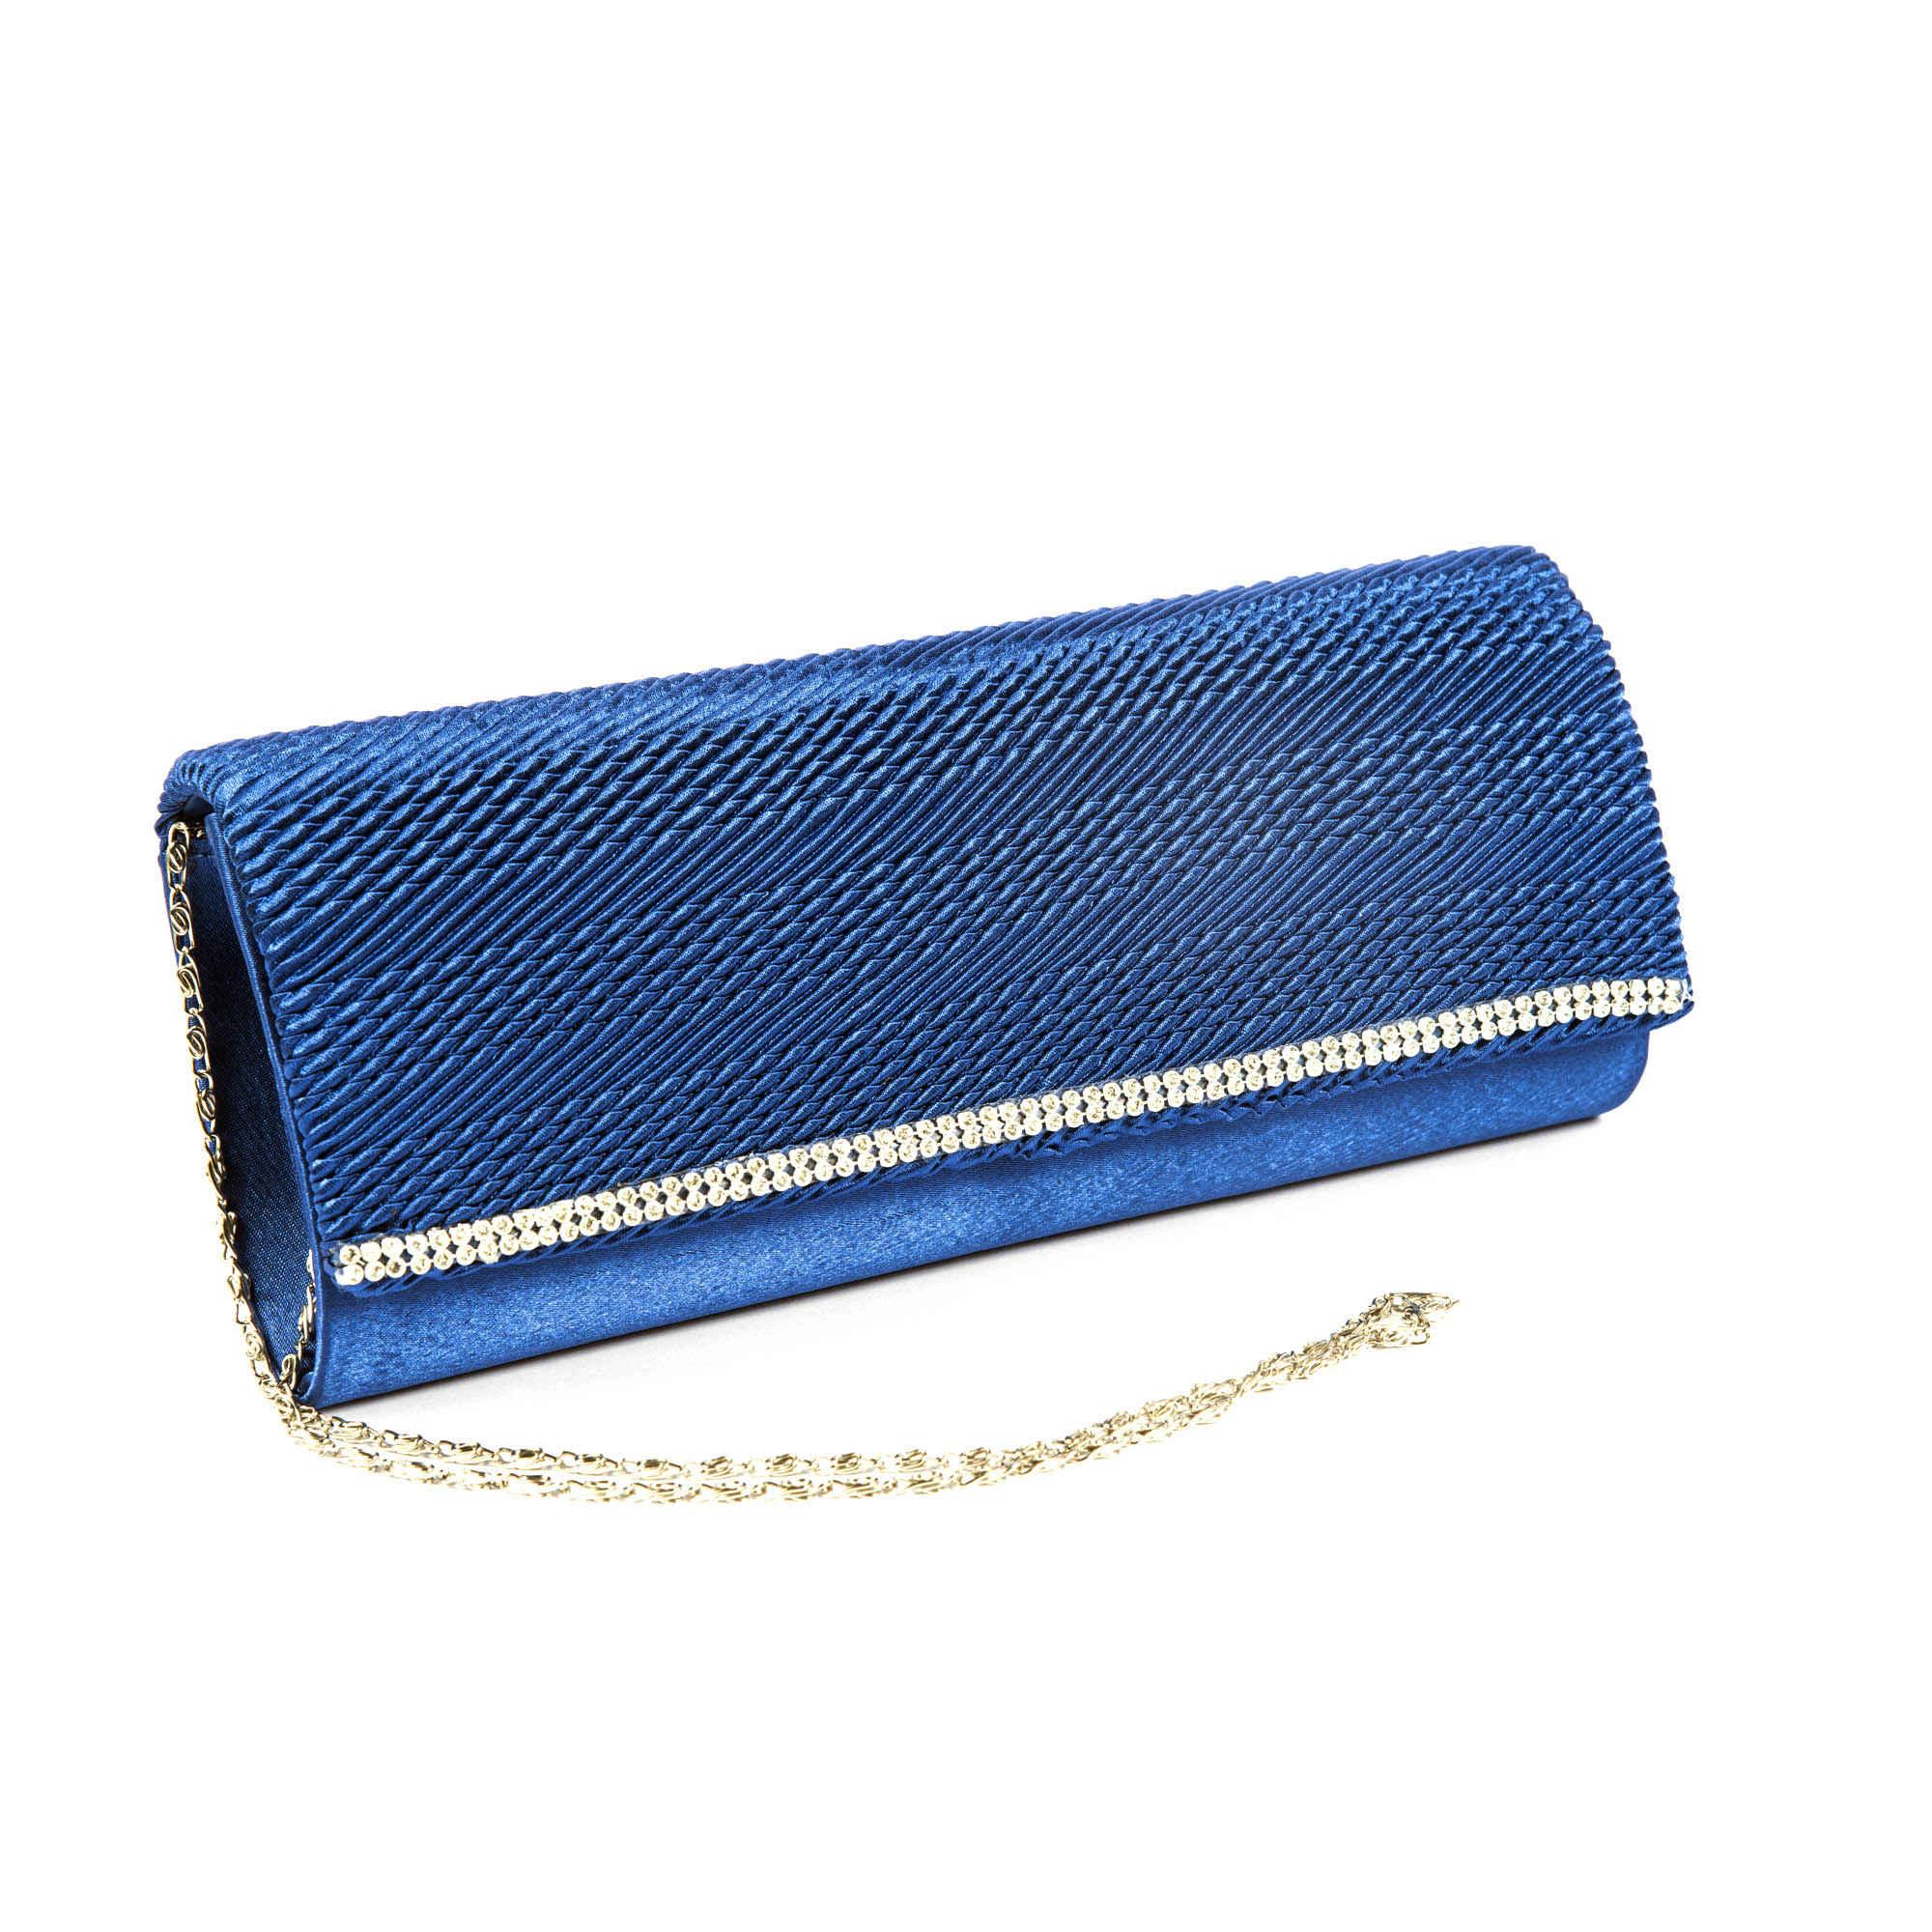 Blue Velvet Clutch